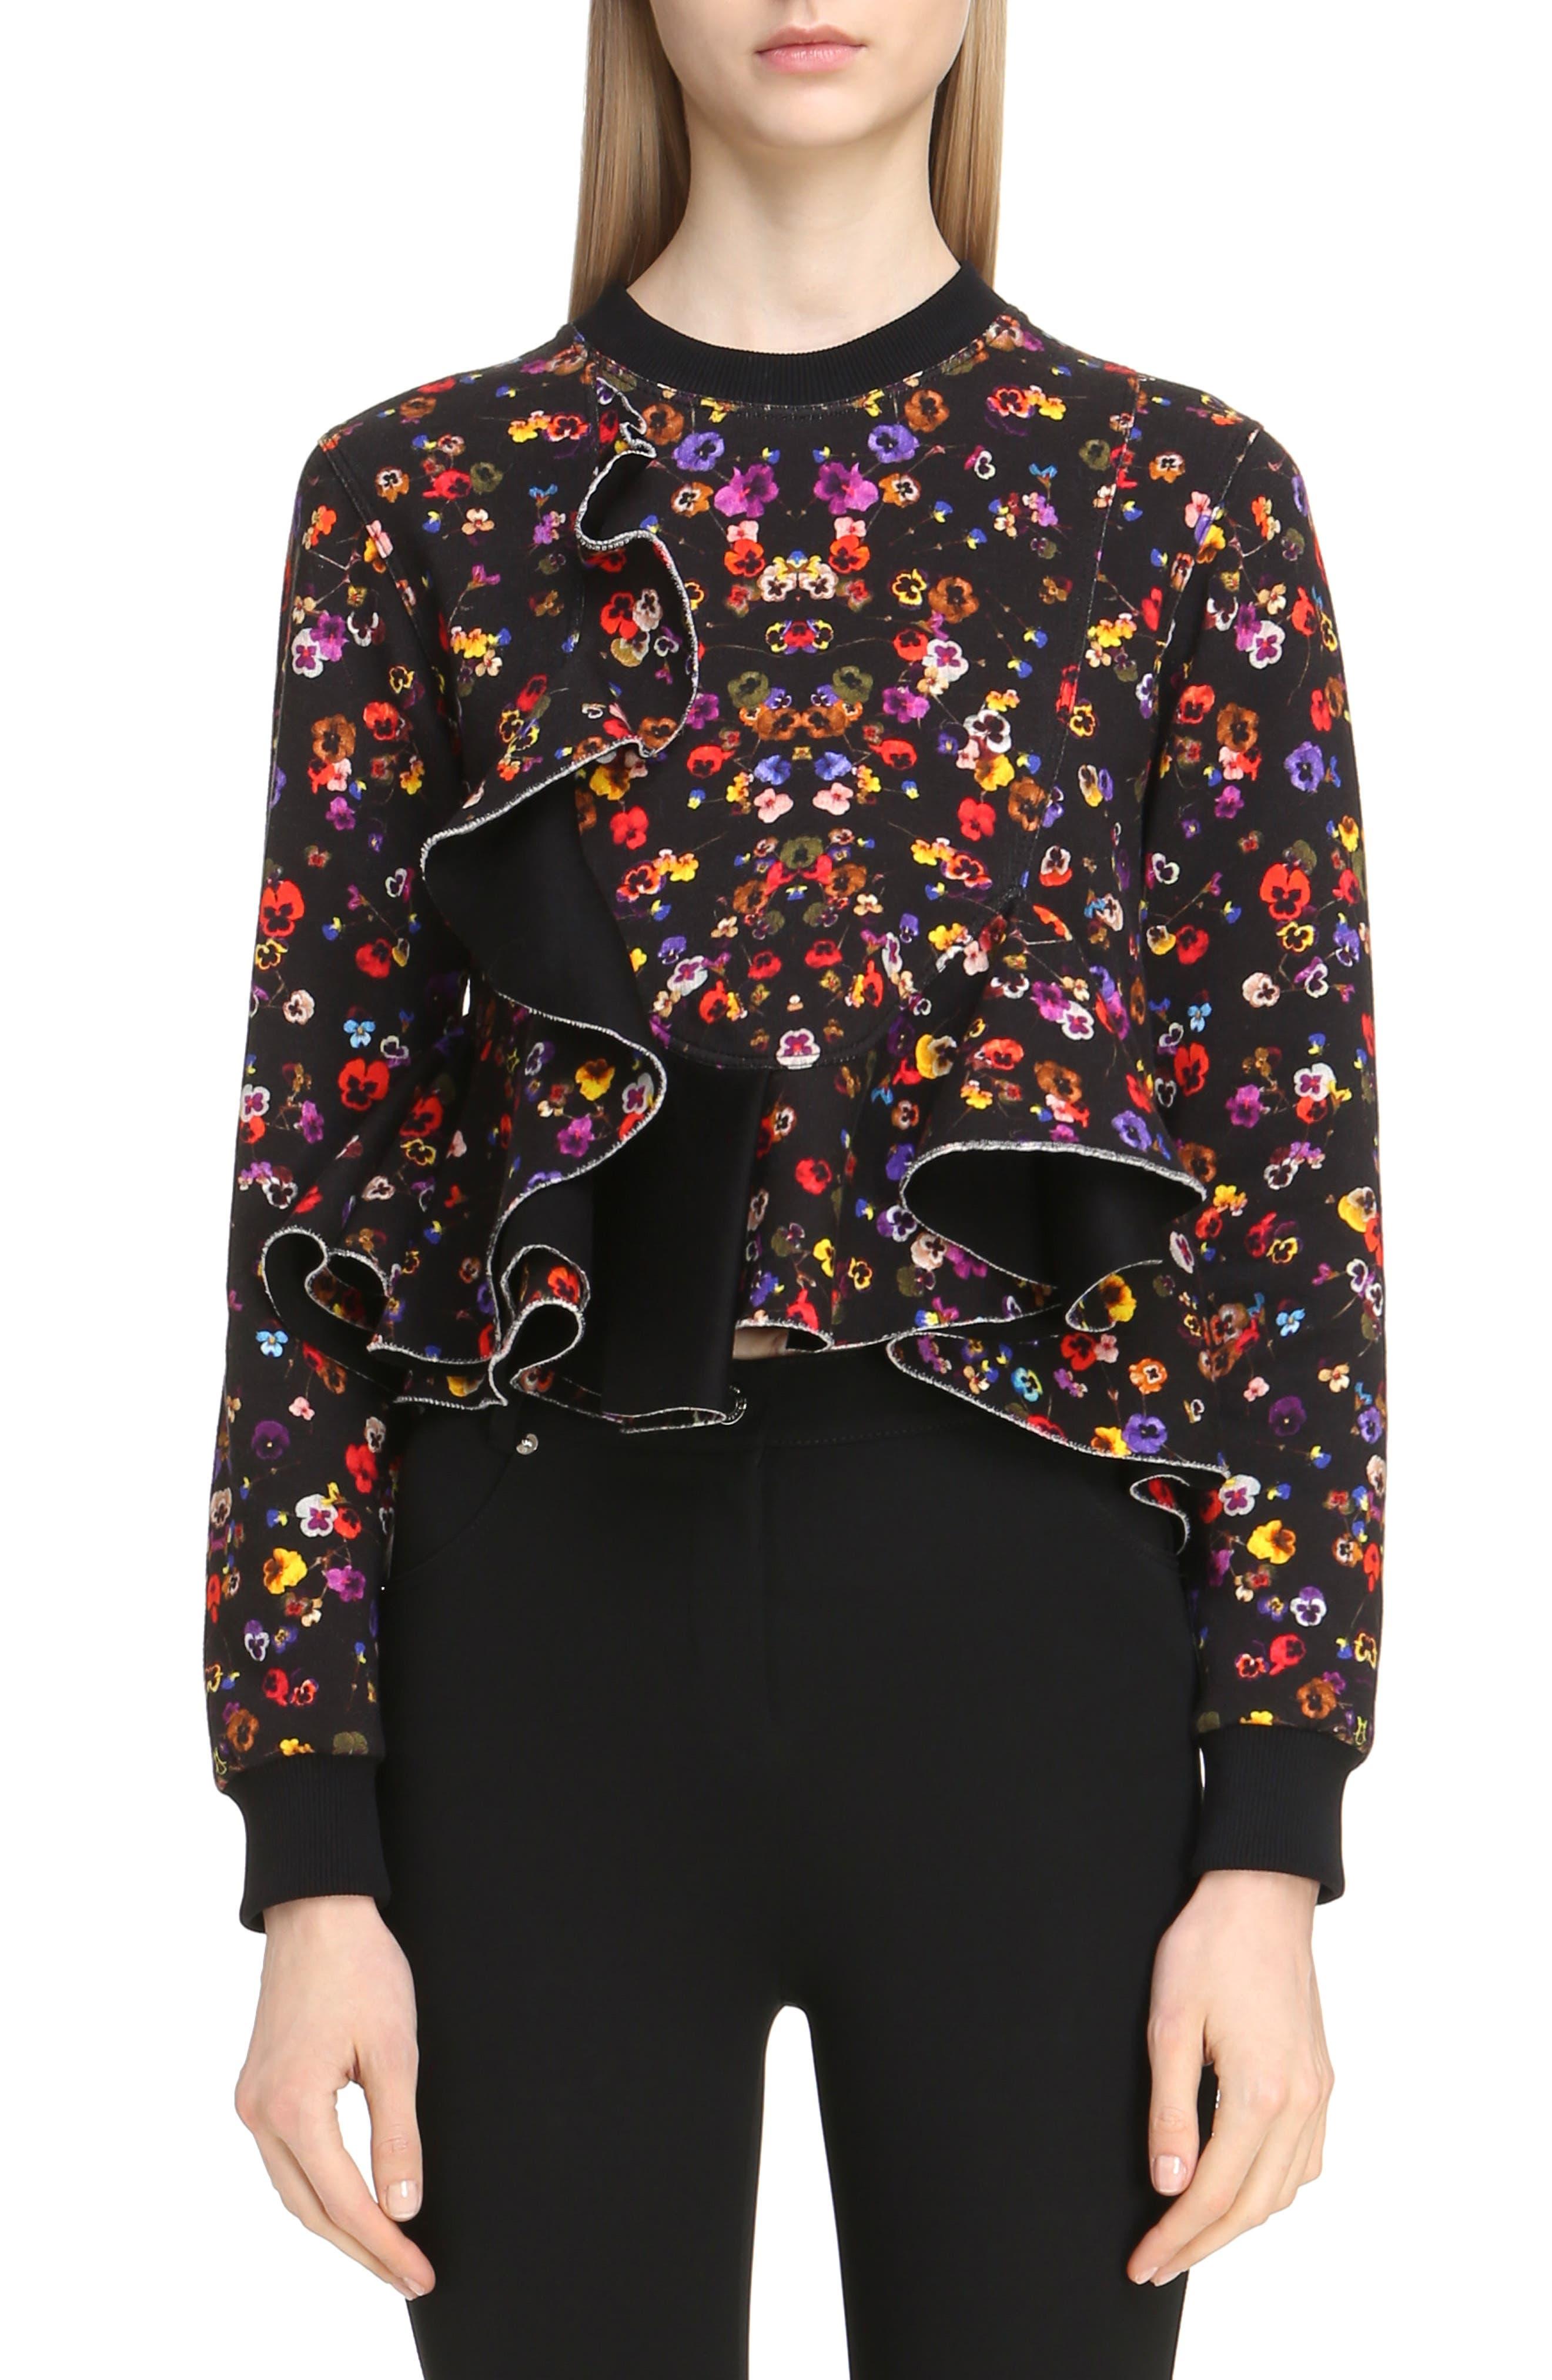 Main Image - Givenchy Floral Print Ruffle Bonded Sweatshirt